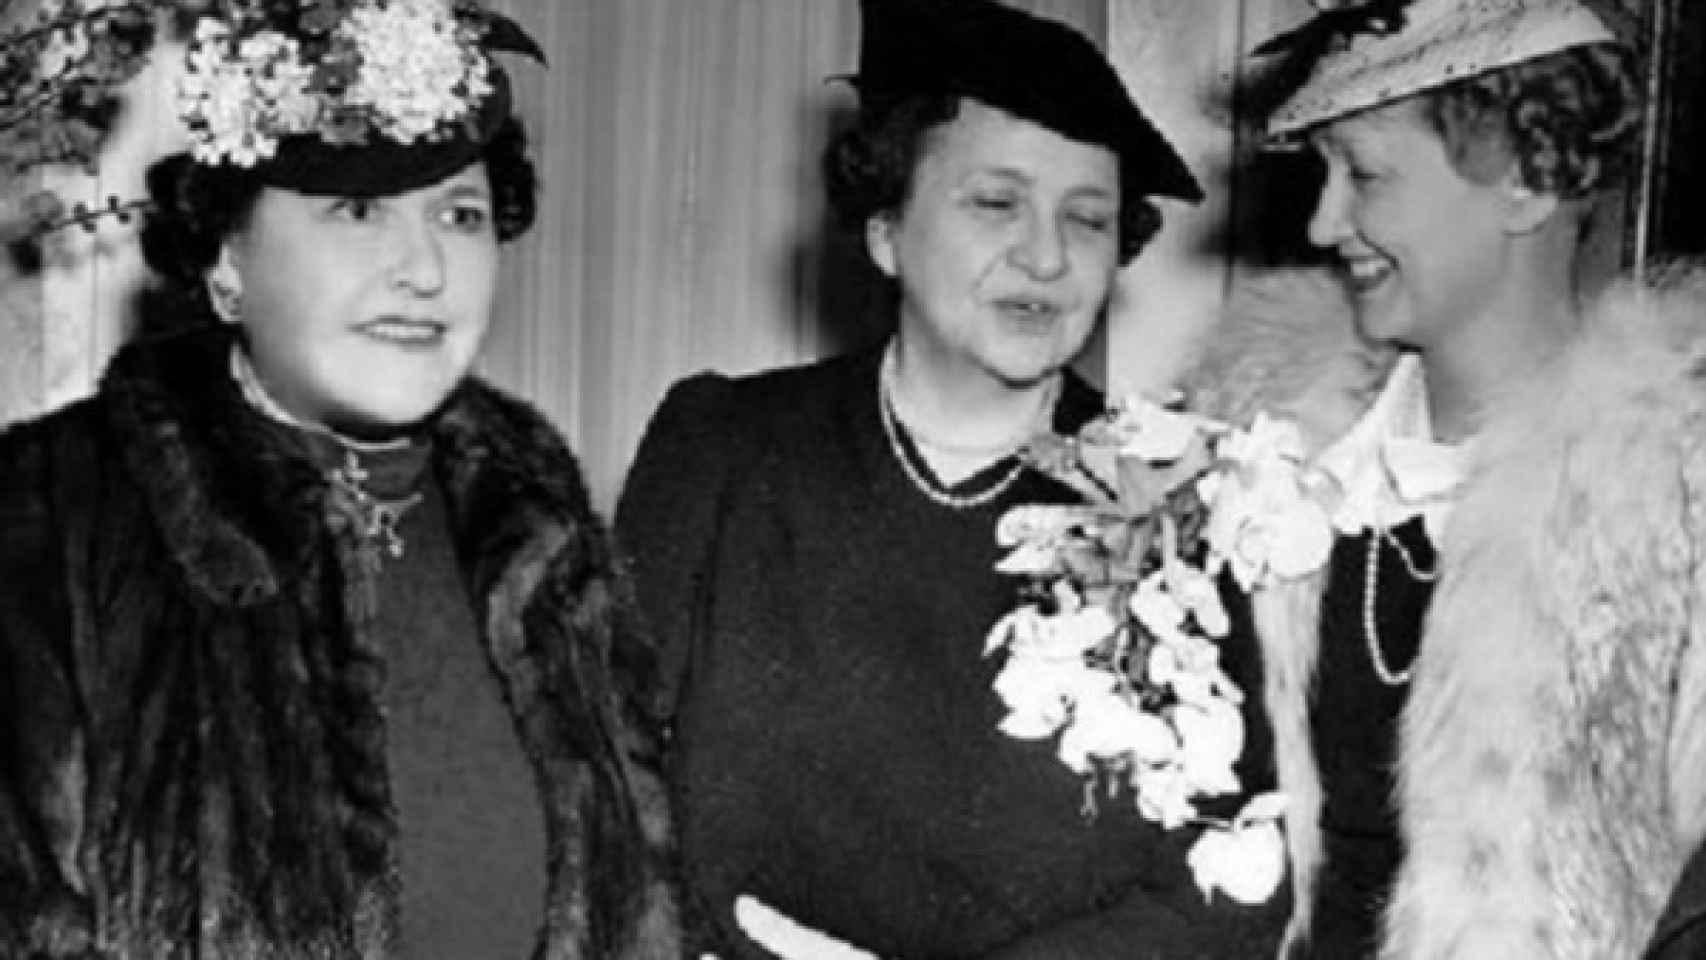 Louella Parsons (izquierda) y Hedda Hopper (derecha) rivales de columnas de cotilleo